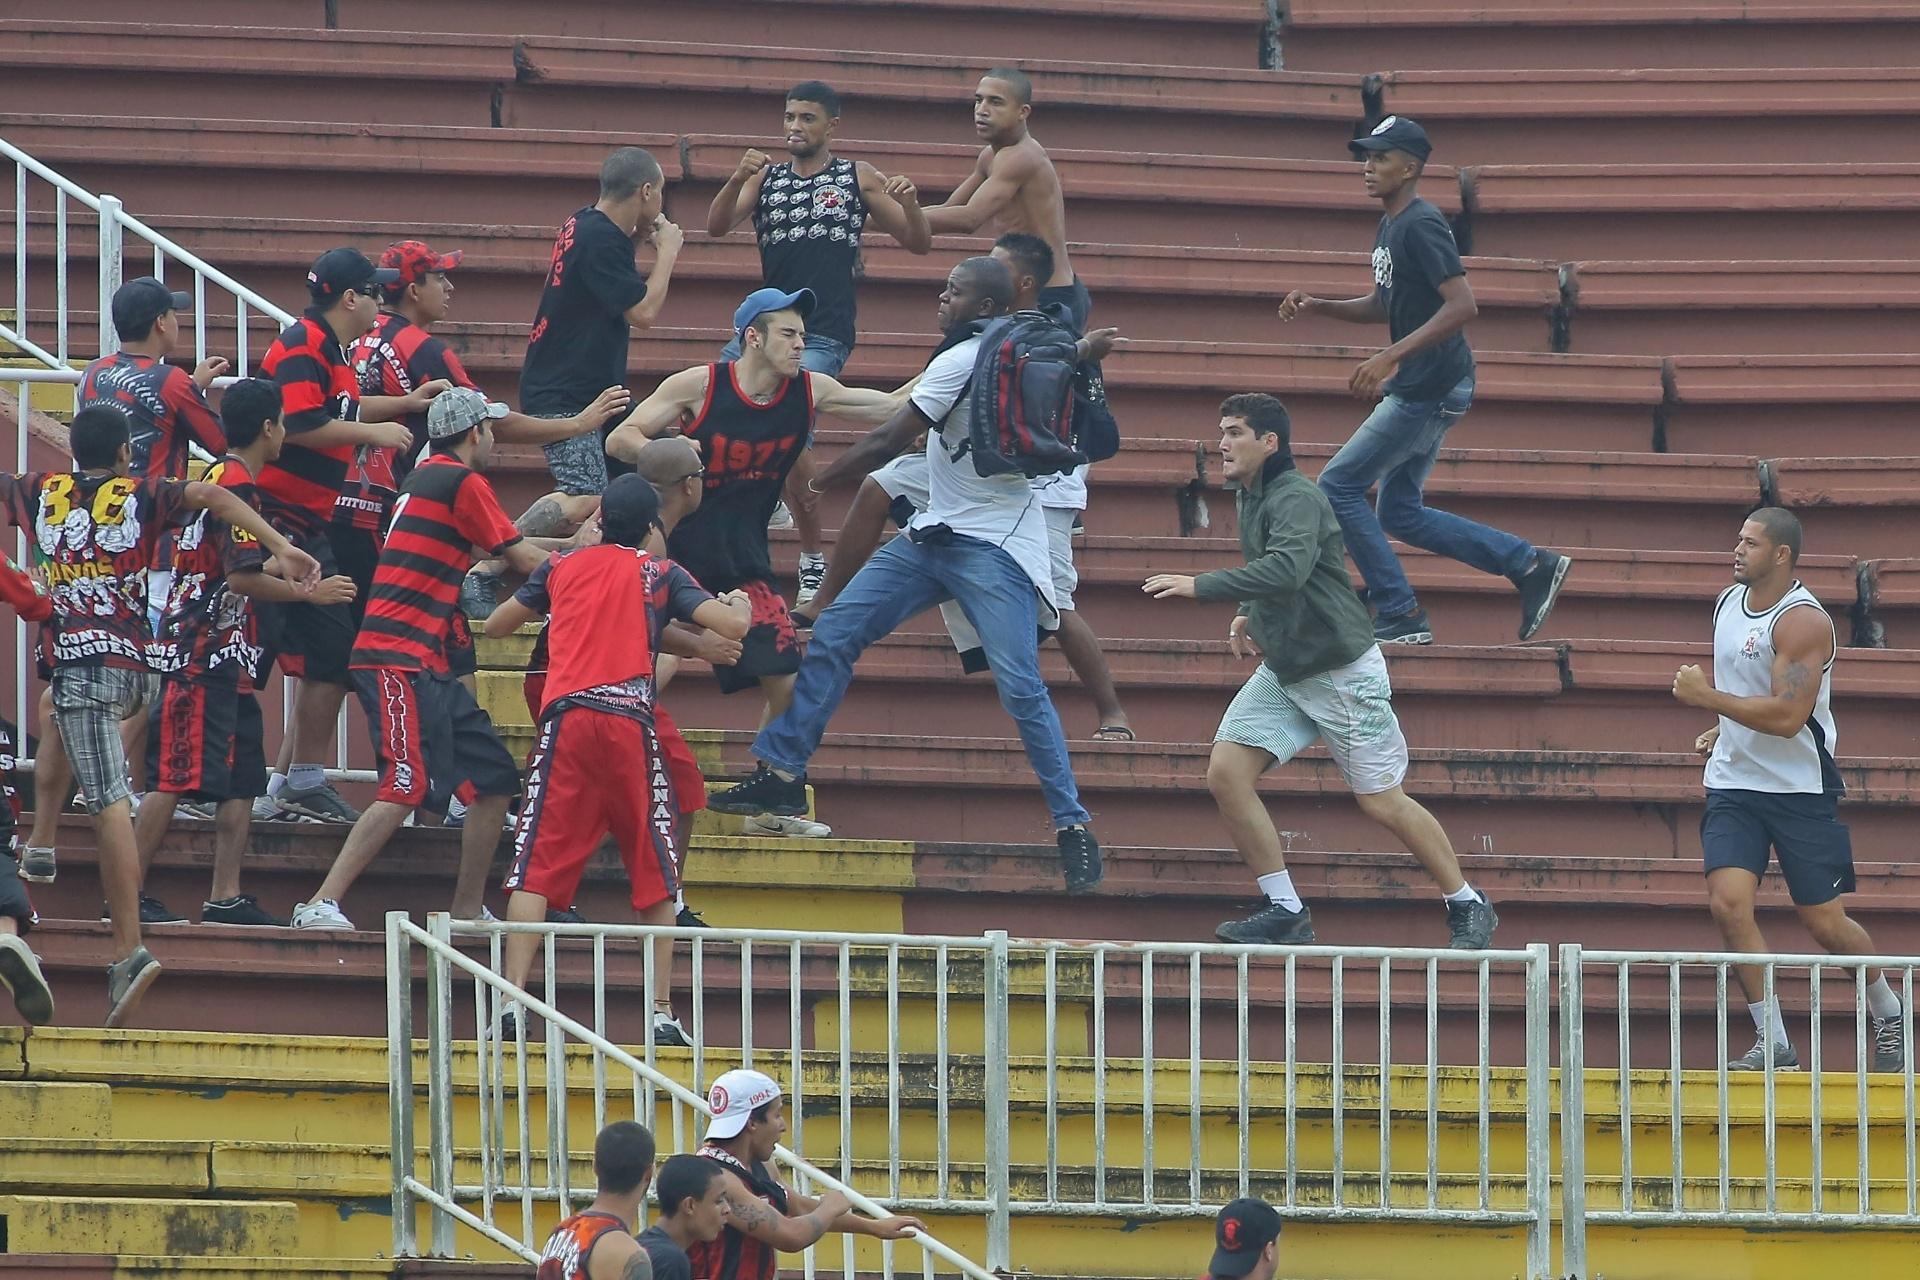 f8b4ccf1a3 Polícia do RJ prende 21º torcedor envolvido em briga de Joinville - Esporte  - BOL